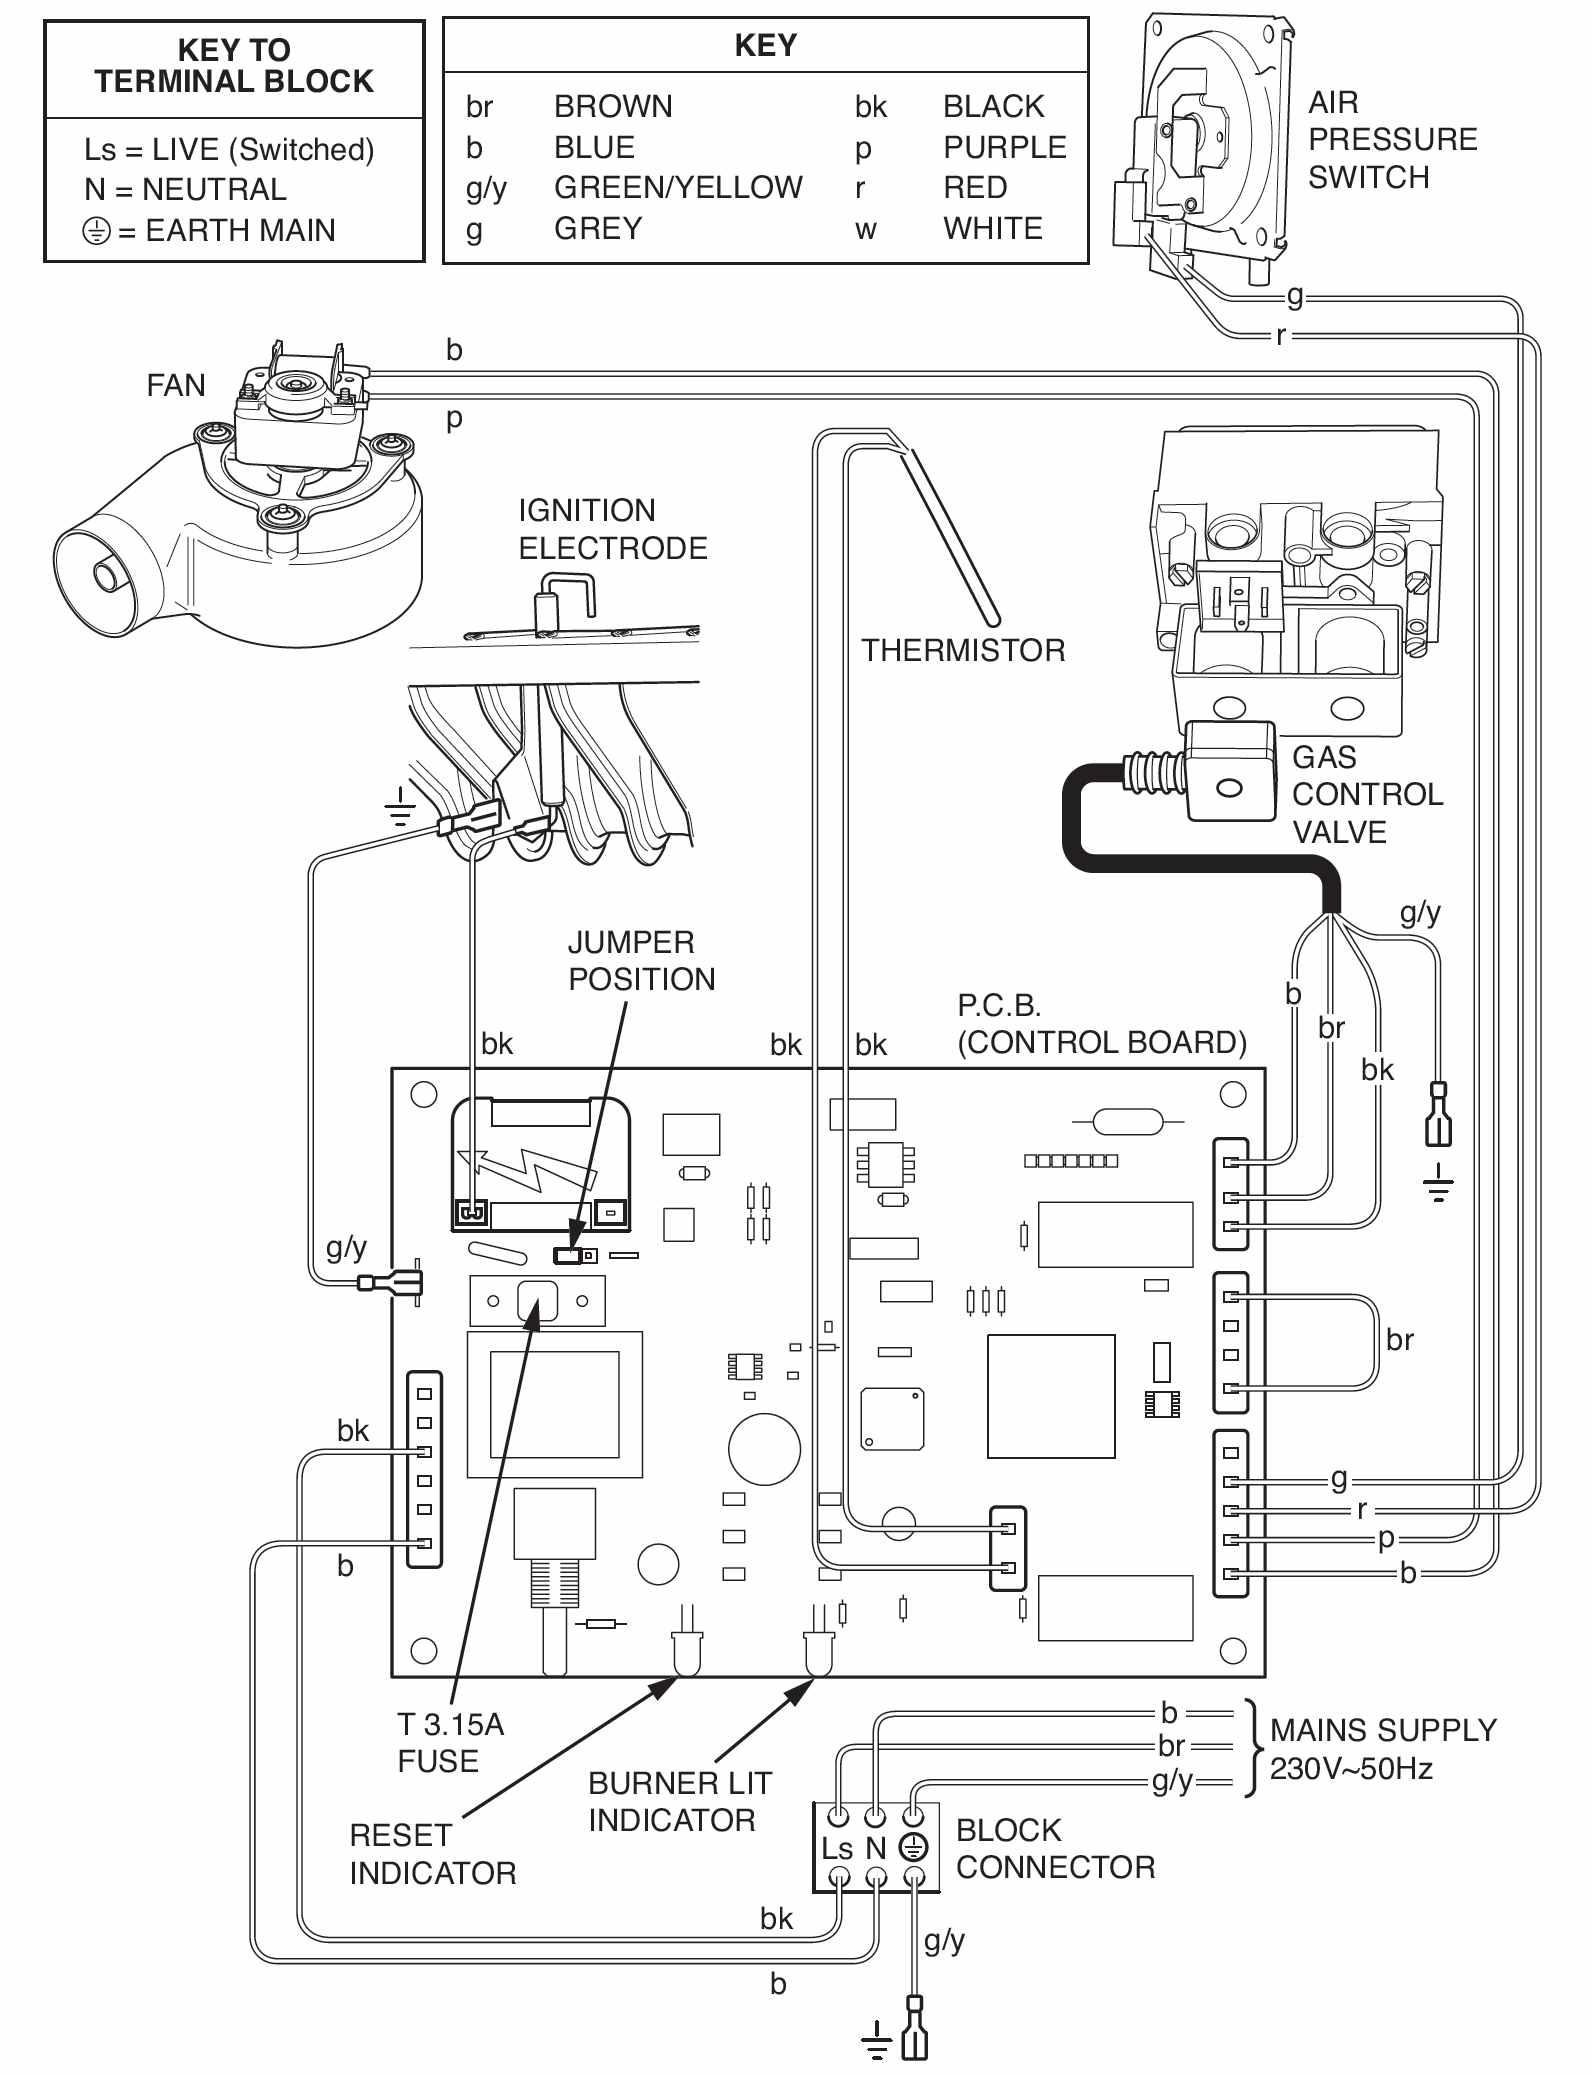 277 Single Phase Fan Wiring Single Phase Testing Wiring